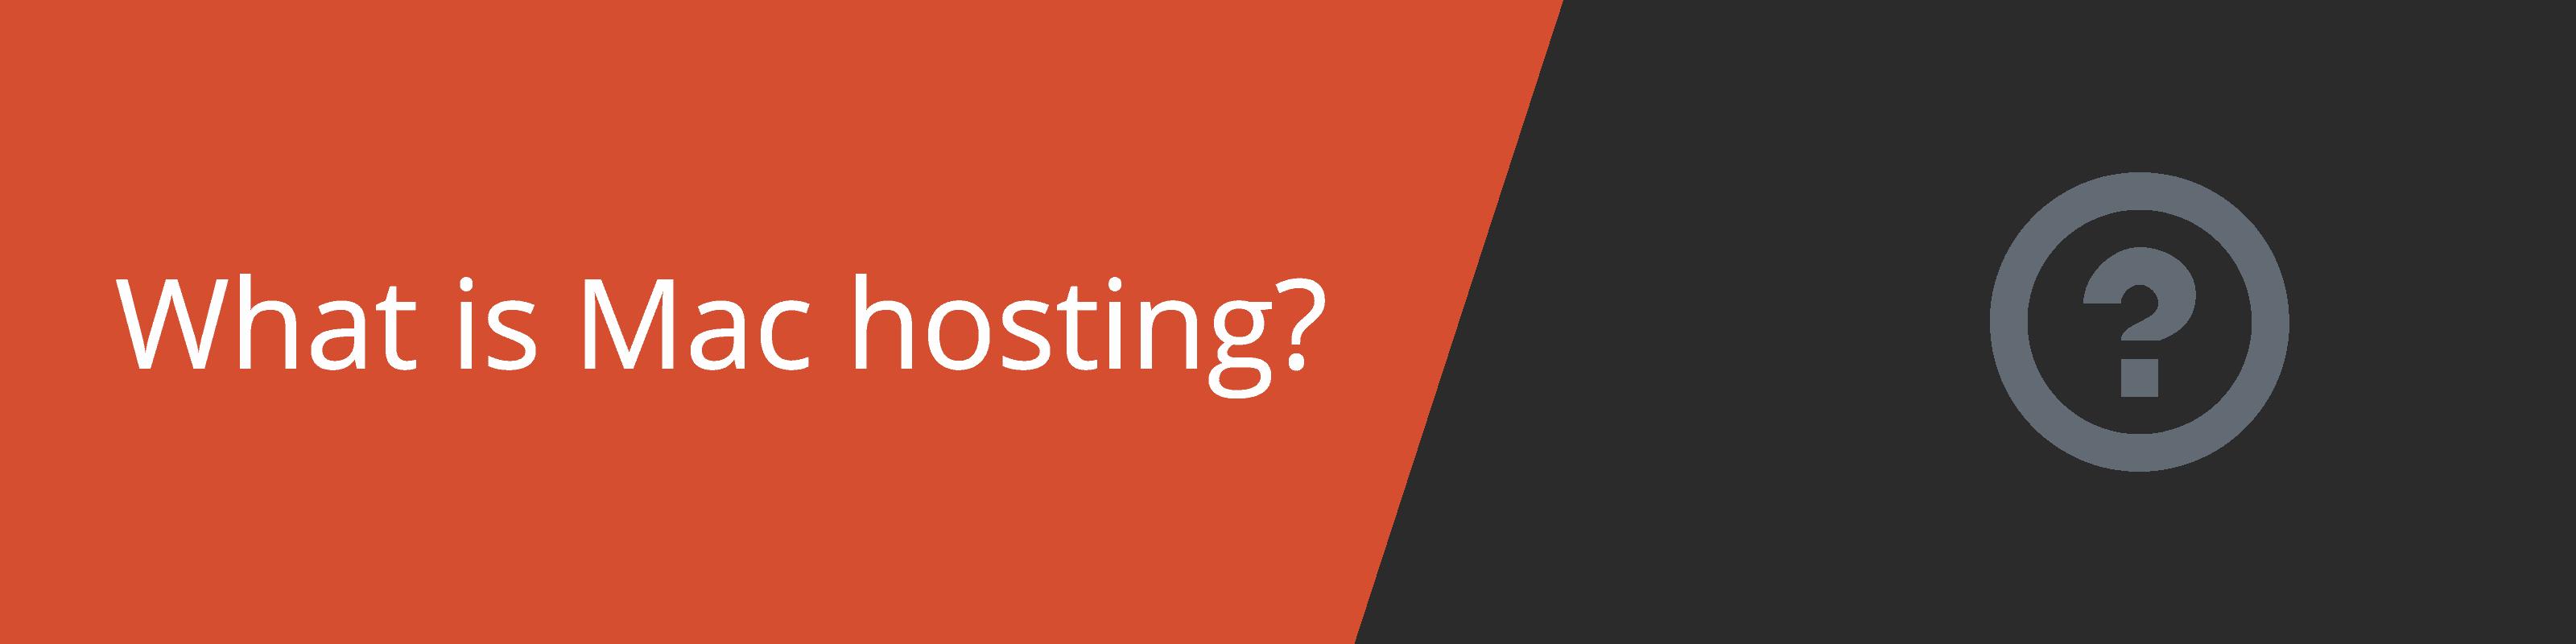 what is mac hosting